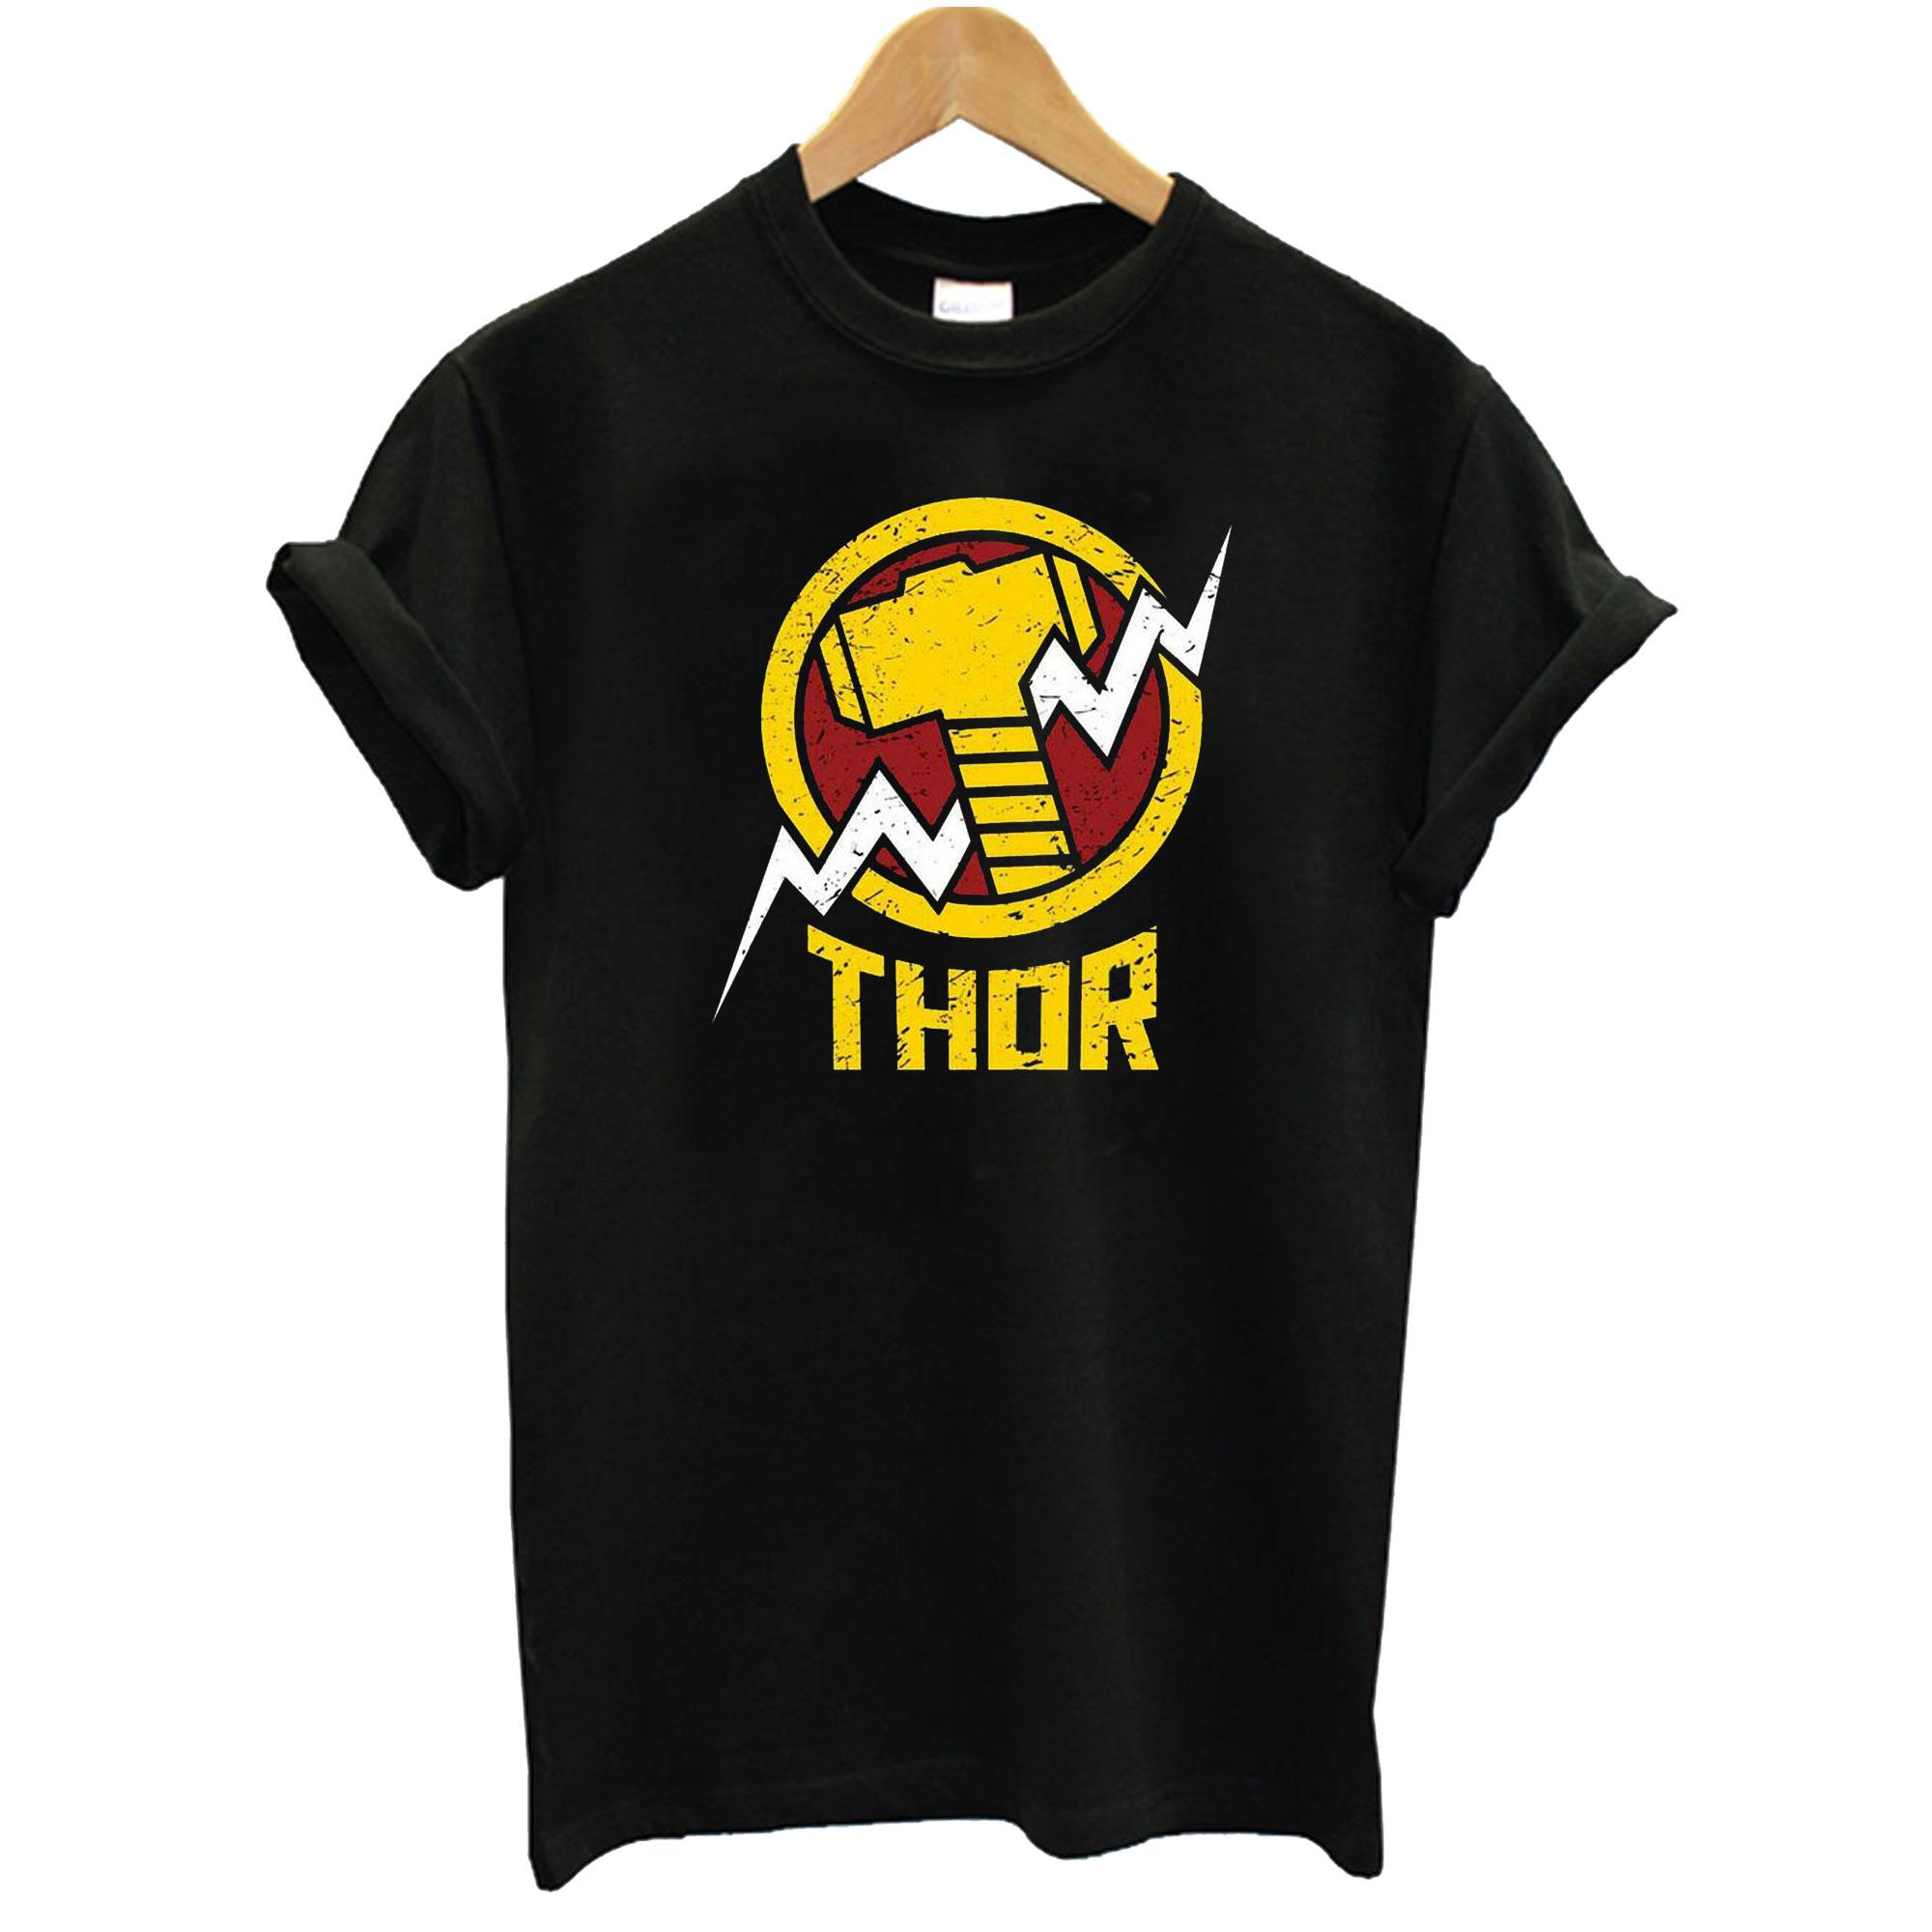 Hammer Thor Marvel Avengers T-Shirt